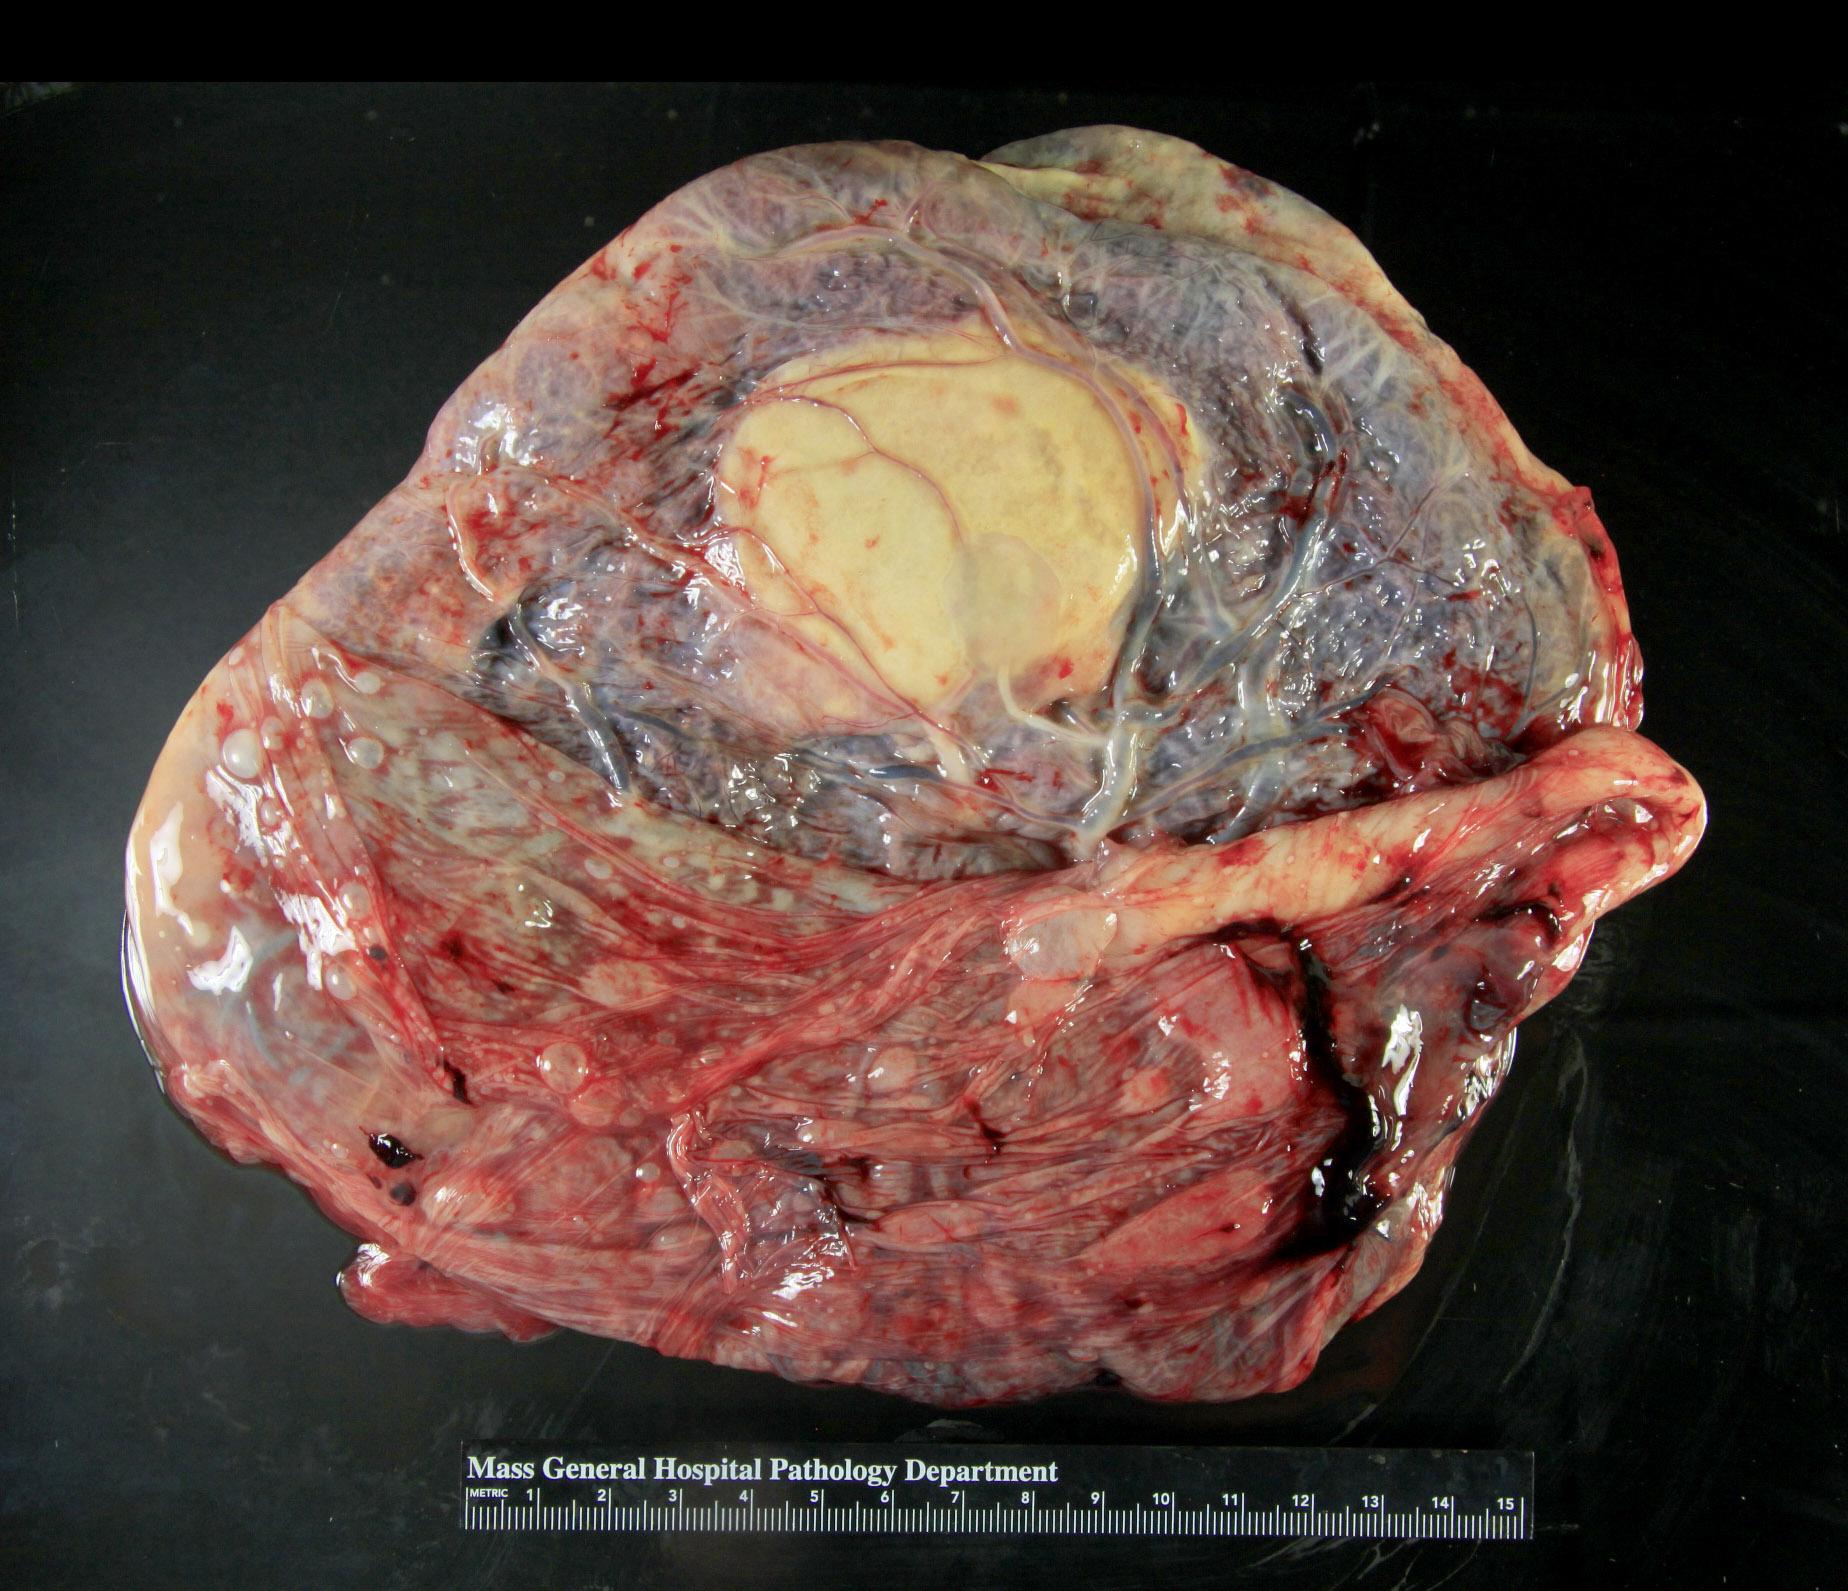 Infarcted large chorangioma